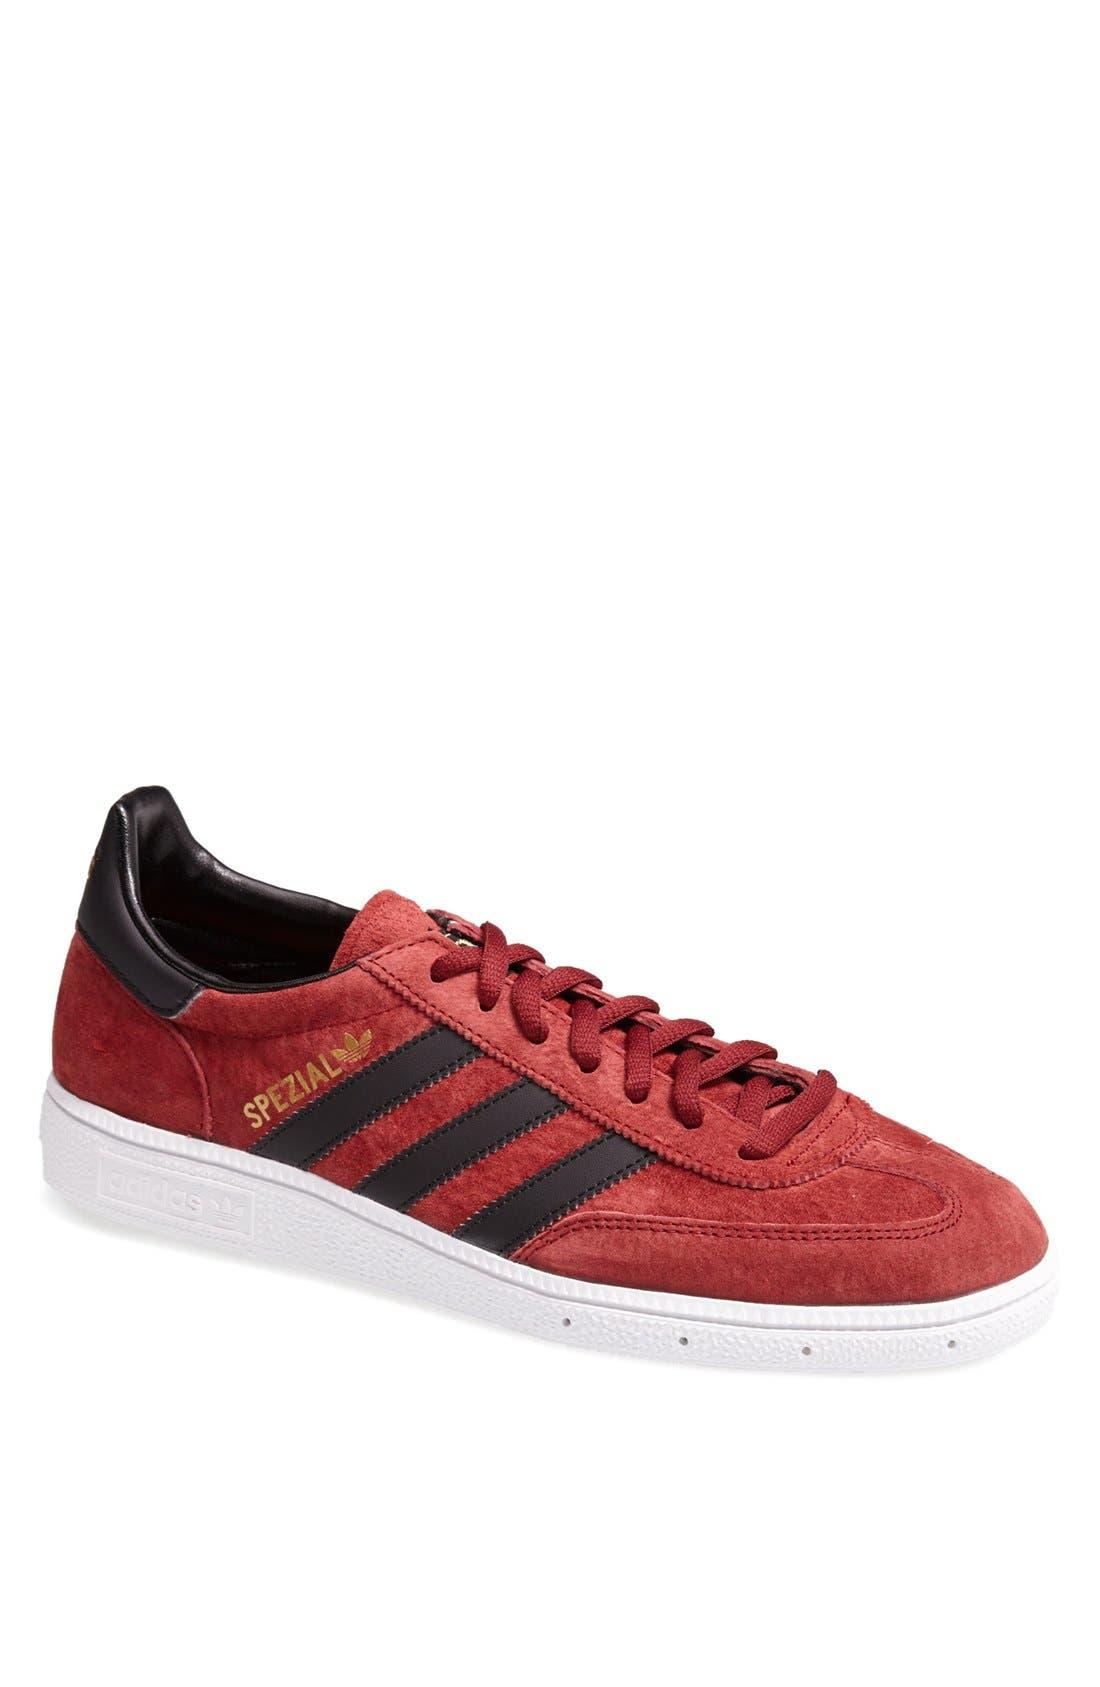 Alternate Image 1 Selected - adidas 'Spezial' Sneaker (Men)